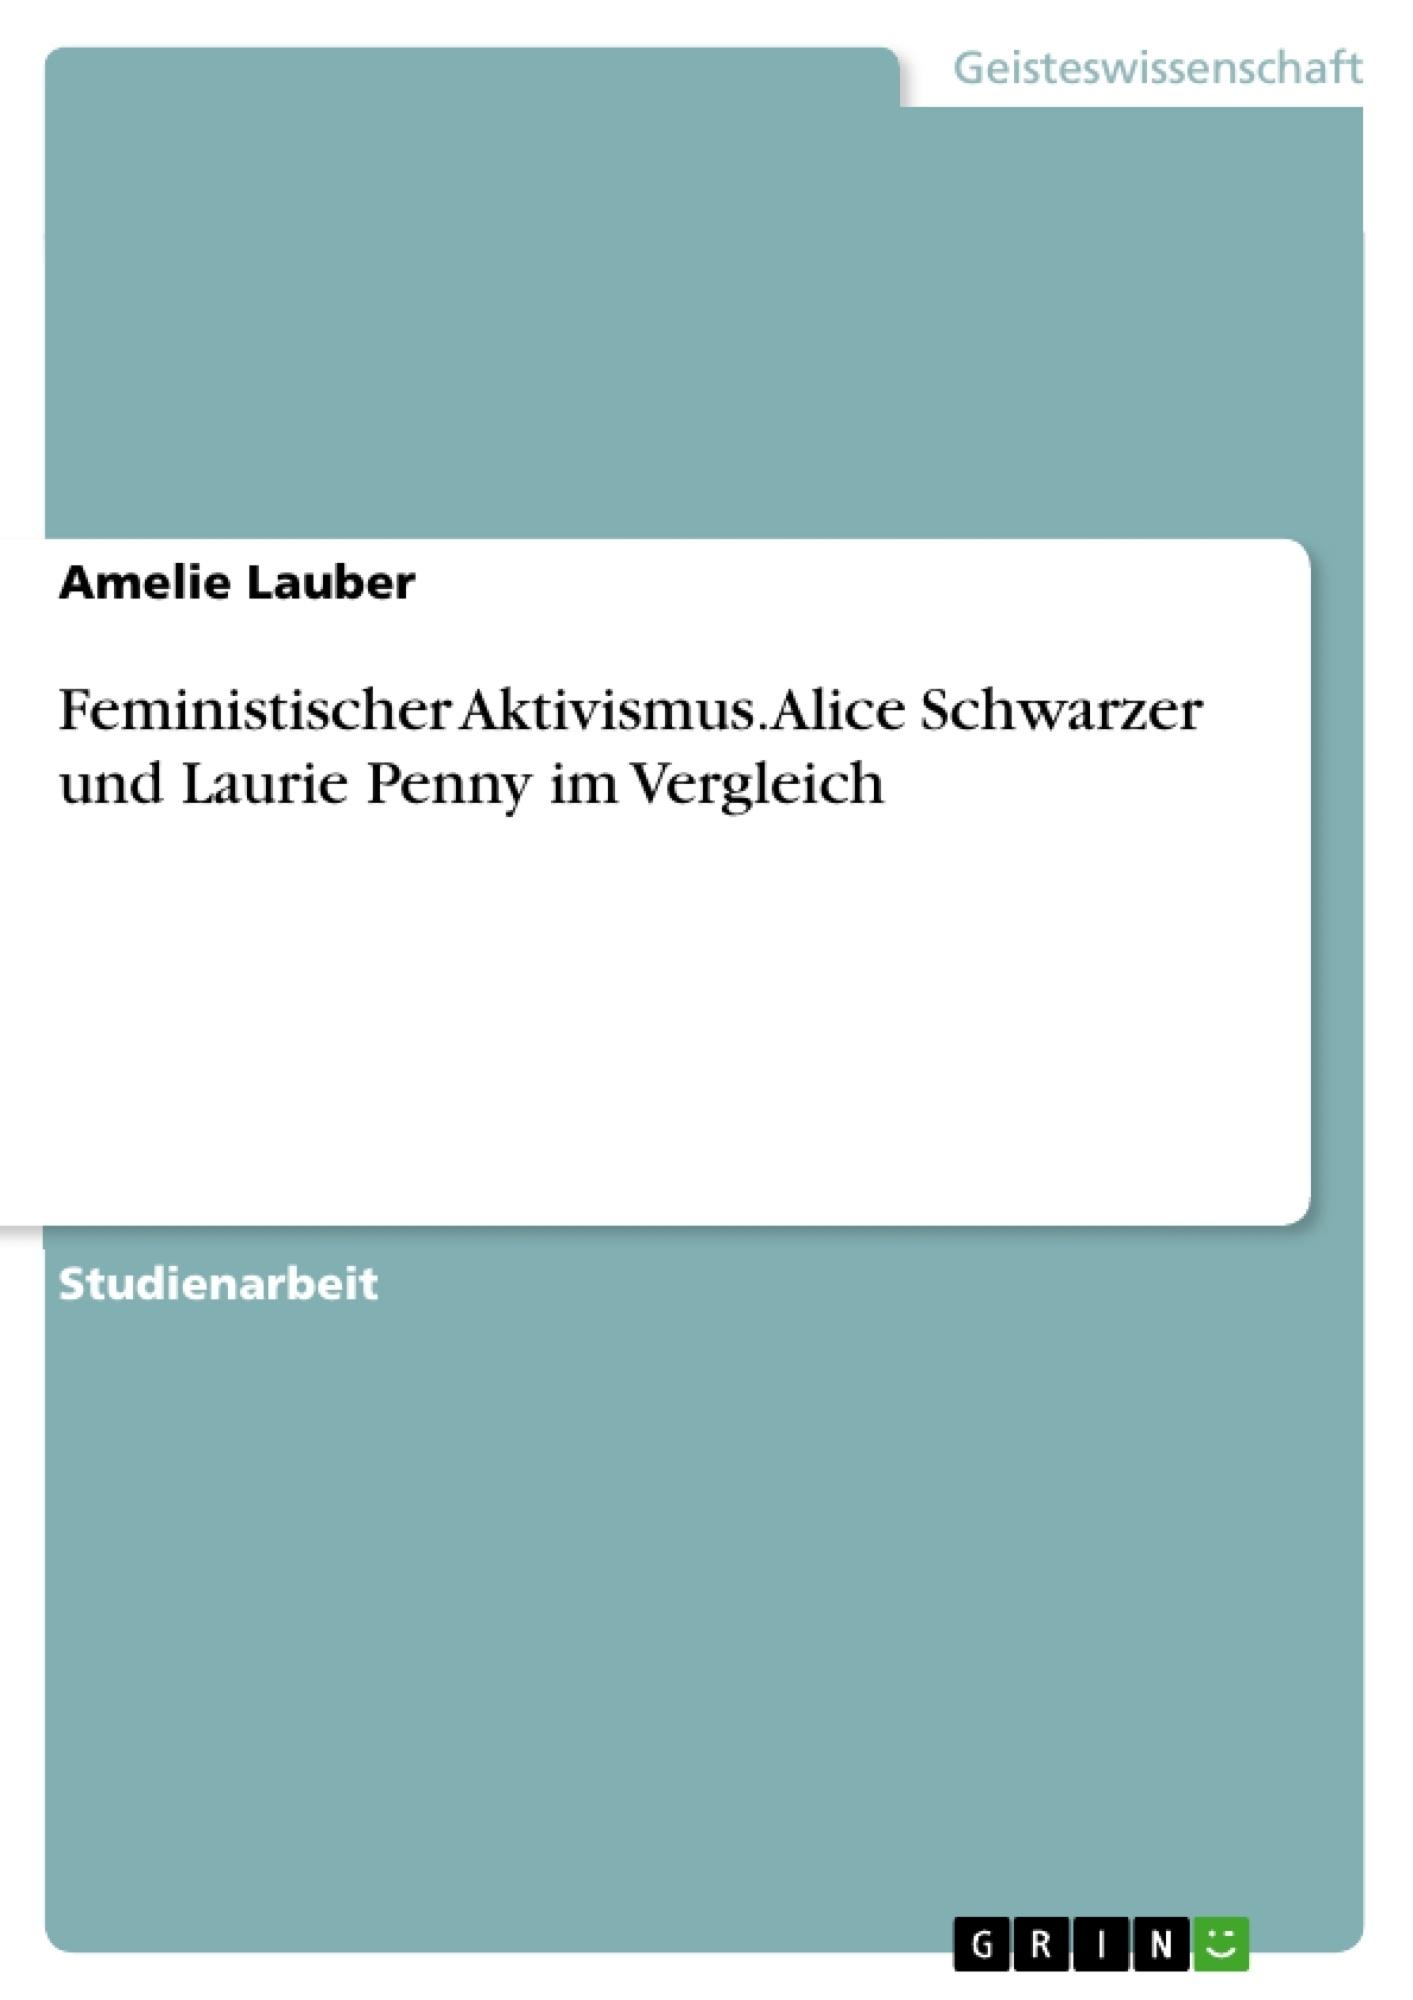 Titel: Feministischer Aktivismus. Alice Schwarzer und Laurie Penny im Vergleich